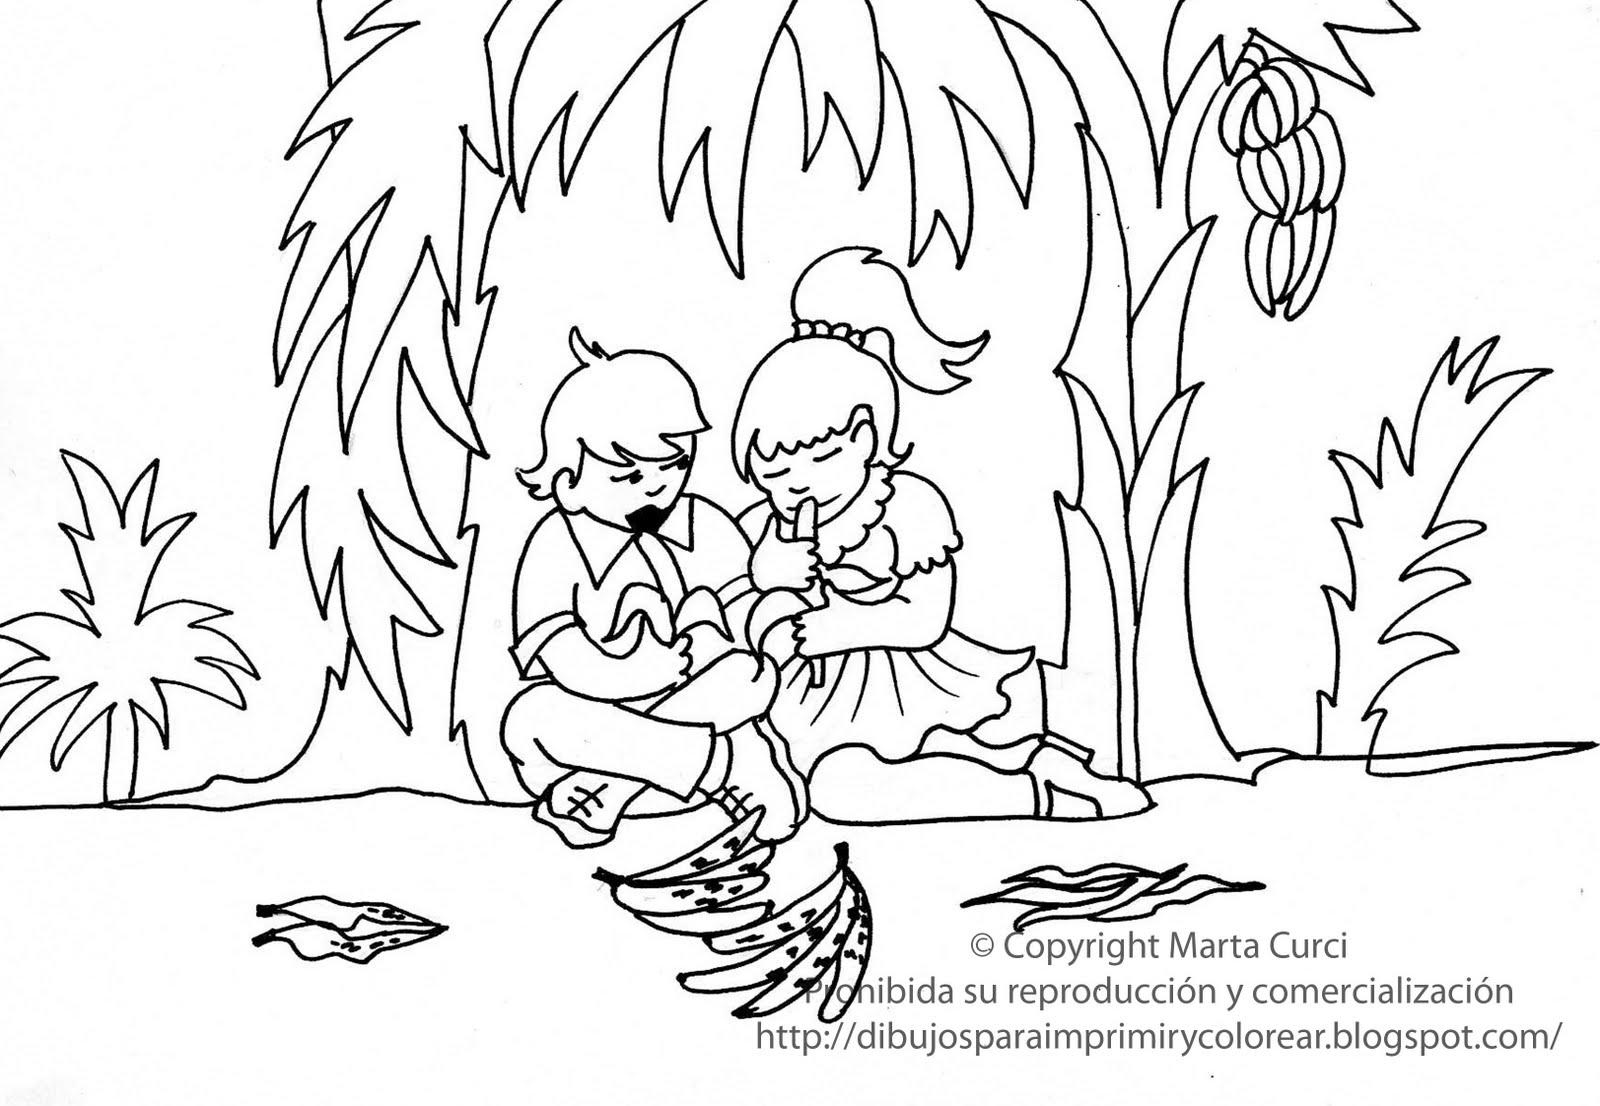 Dibujos Para Colorear Ninos Comiendo: PZ C: Dibujos De Niños